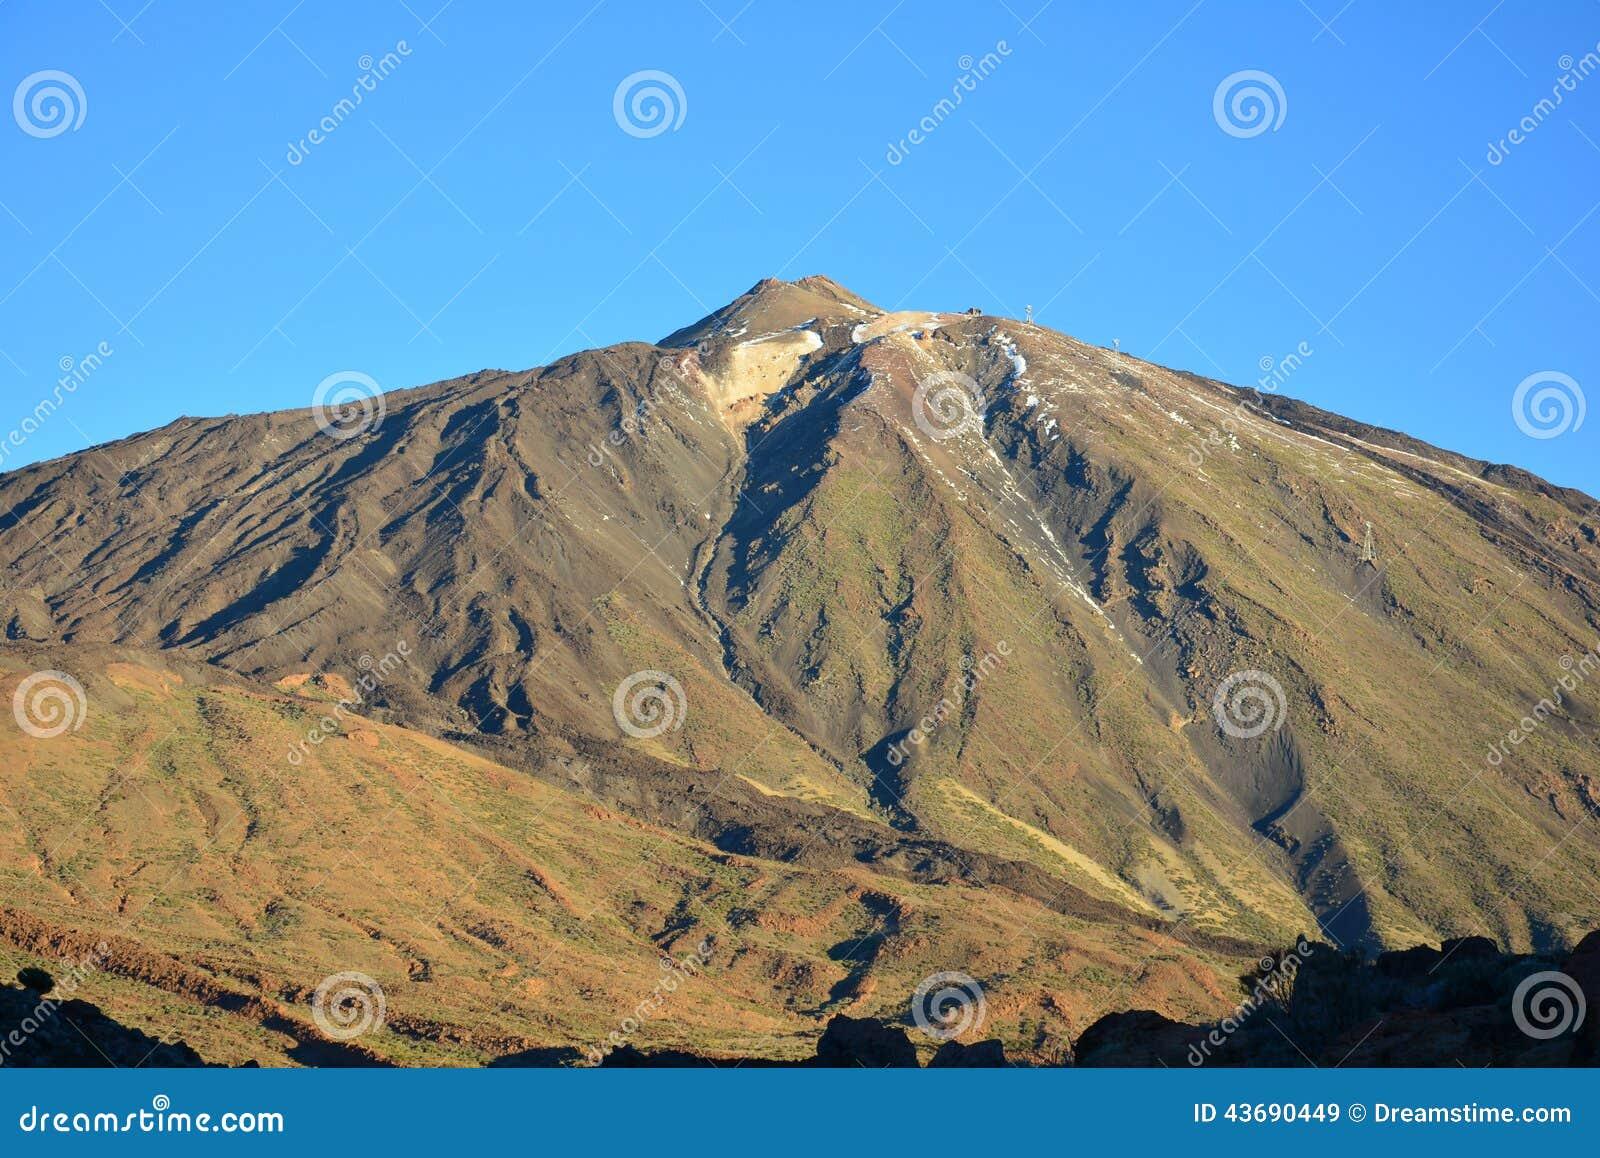 De de vulkaanklippen van de berglava schommelt Plato, zonsopgang in de bergen, berglandschap, landschap, Teide